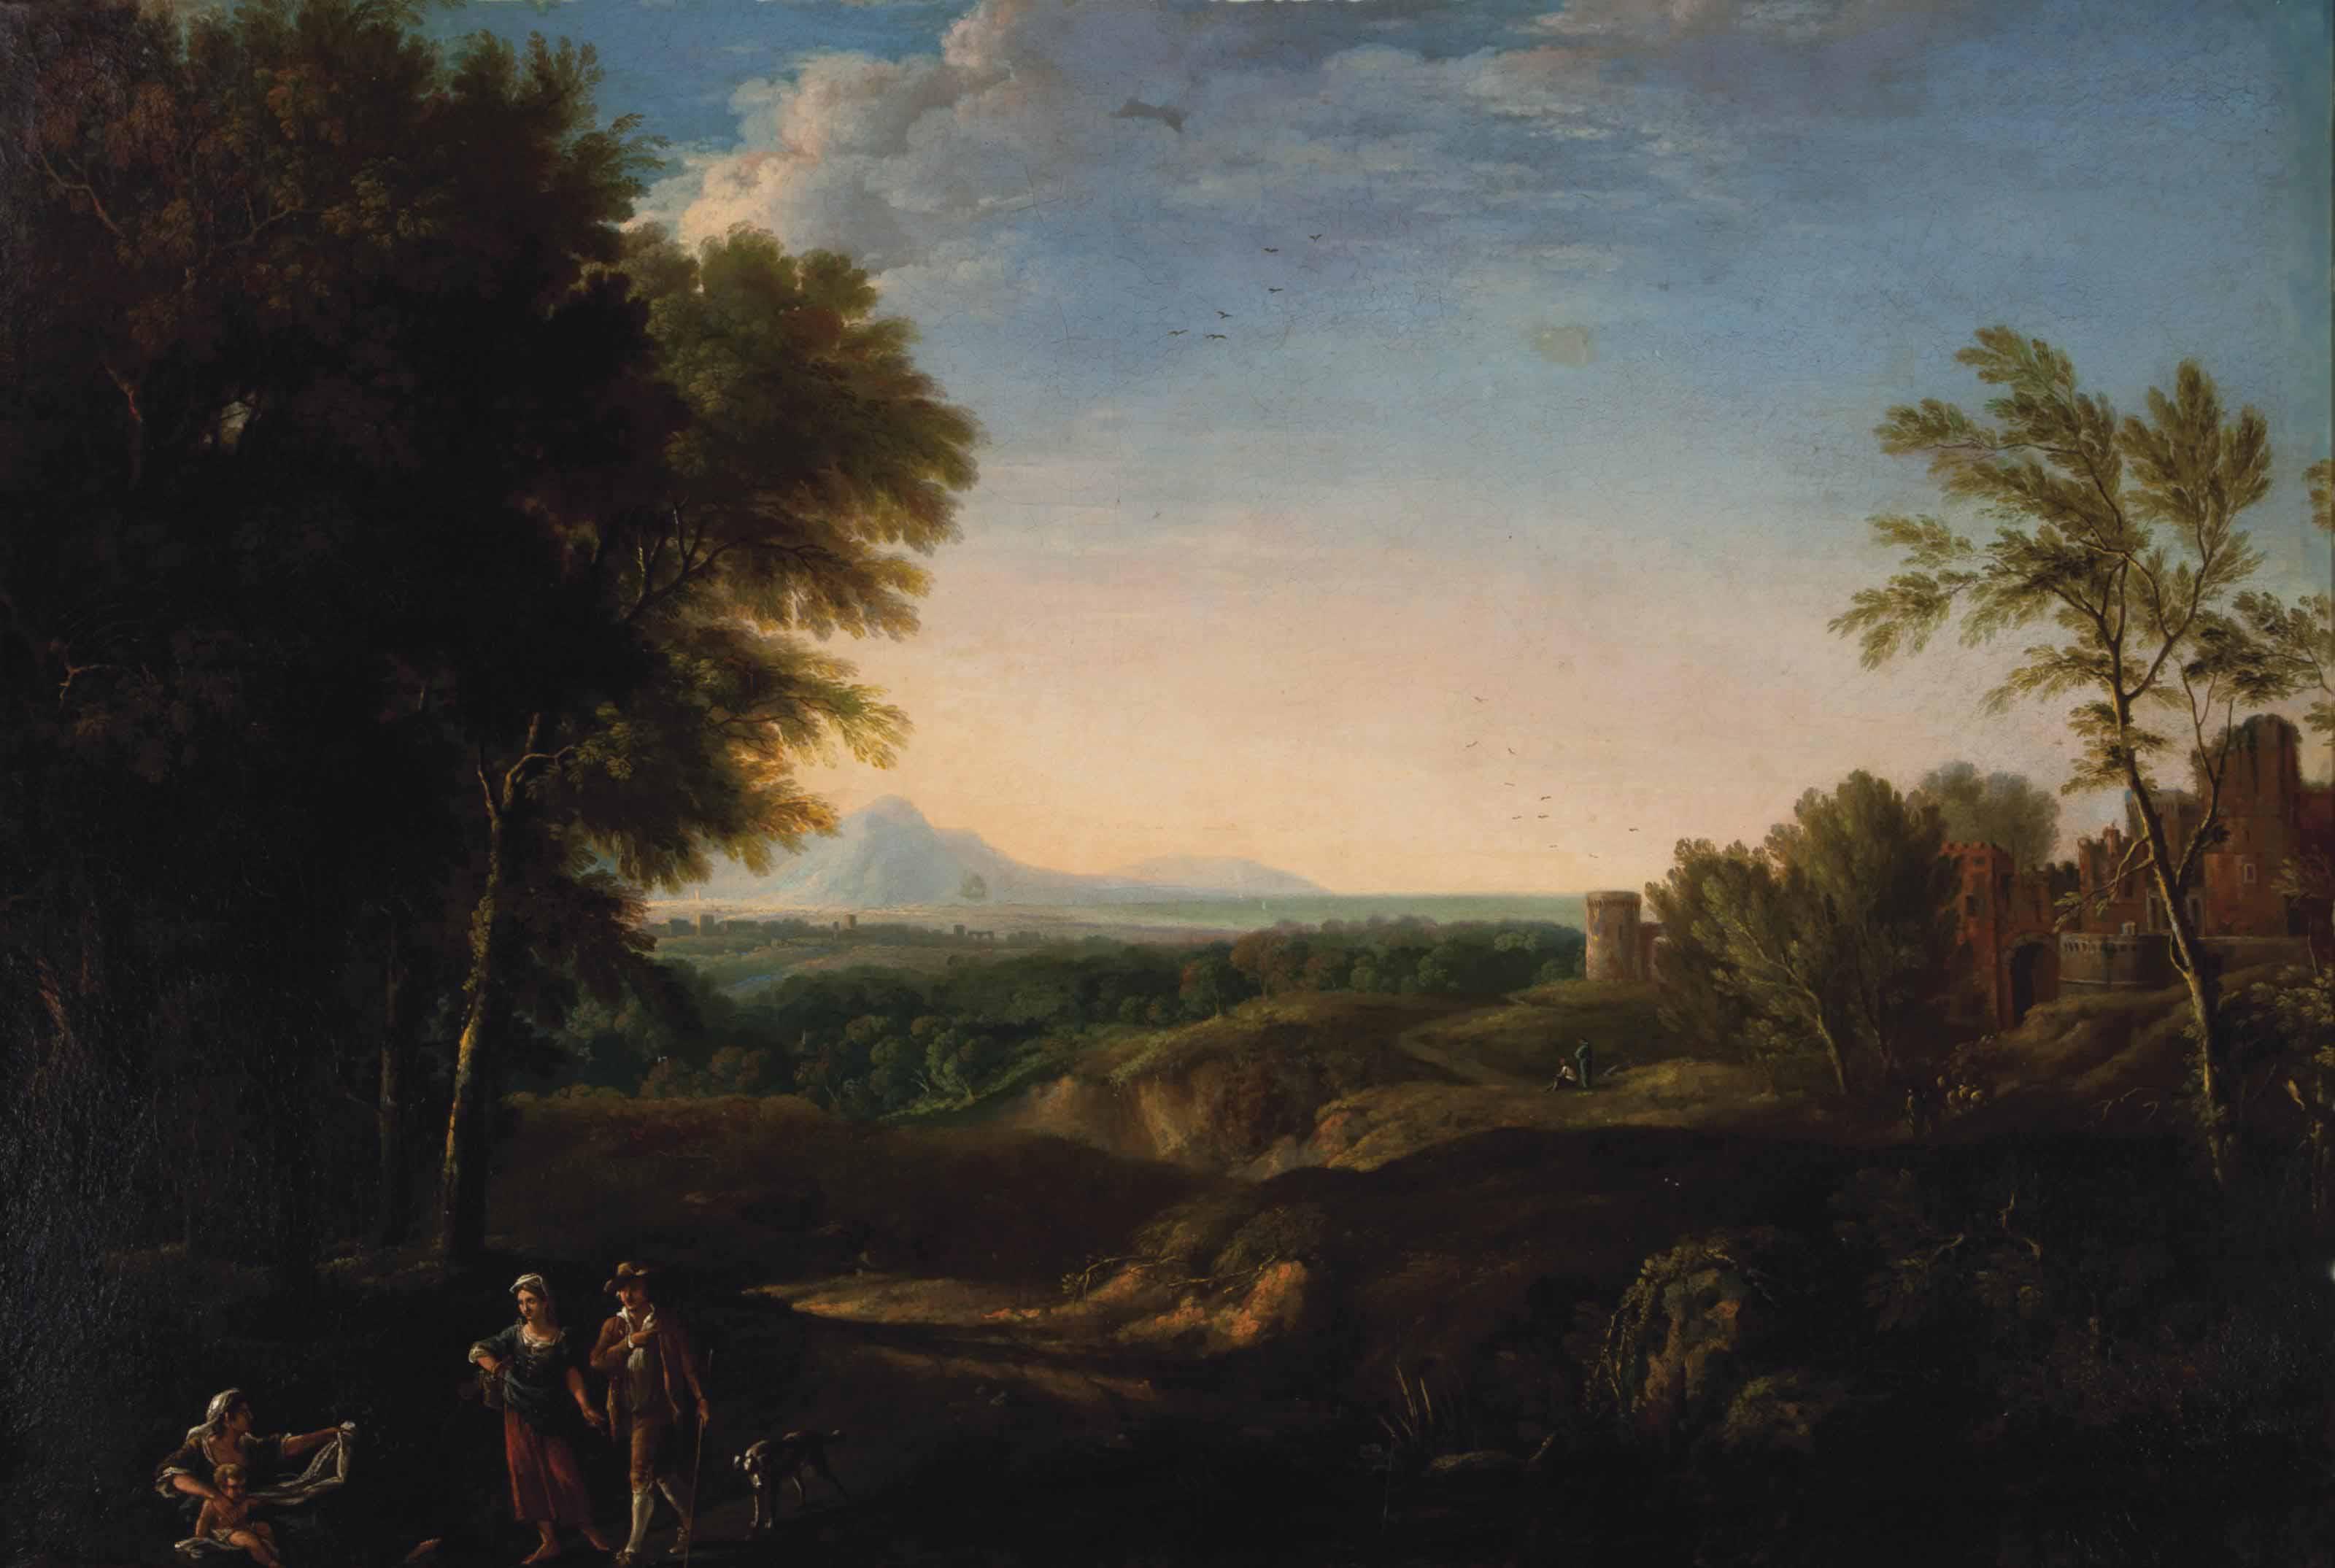 Follower of Claude Gellée, called Claude Lorrain